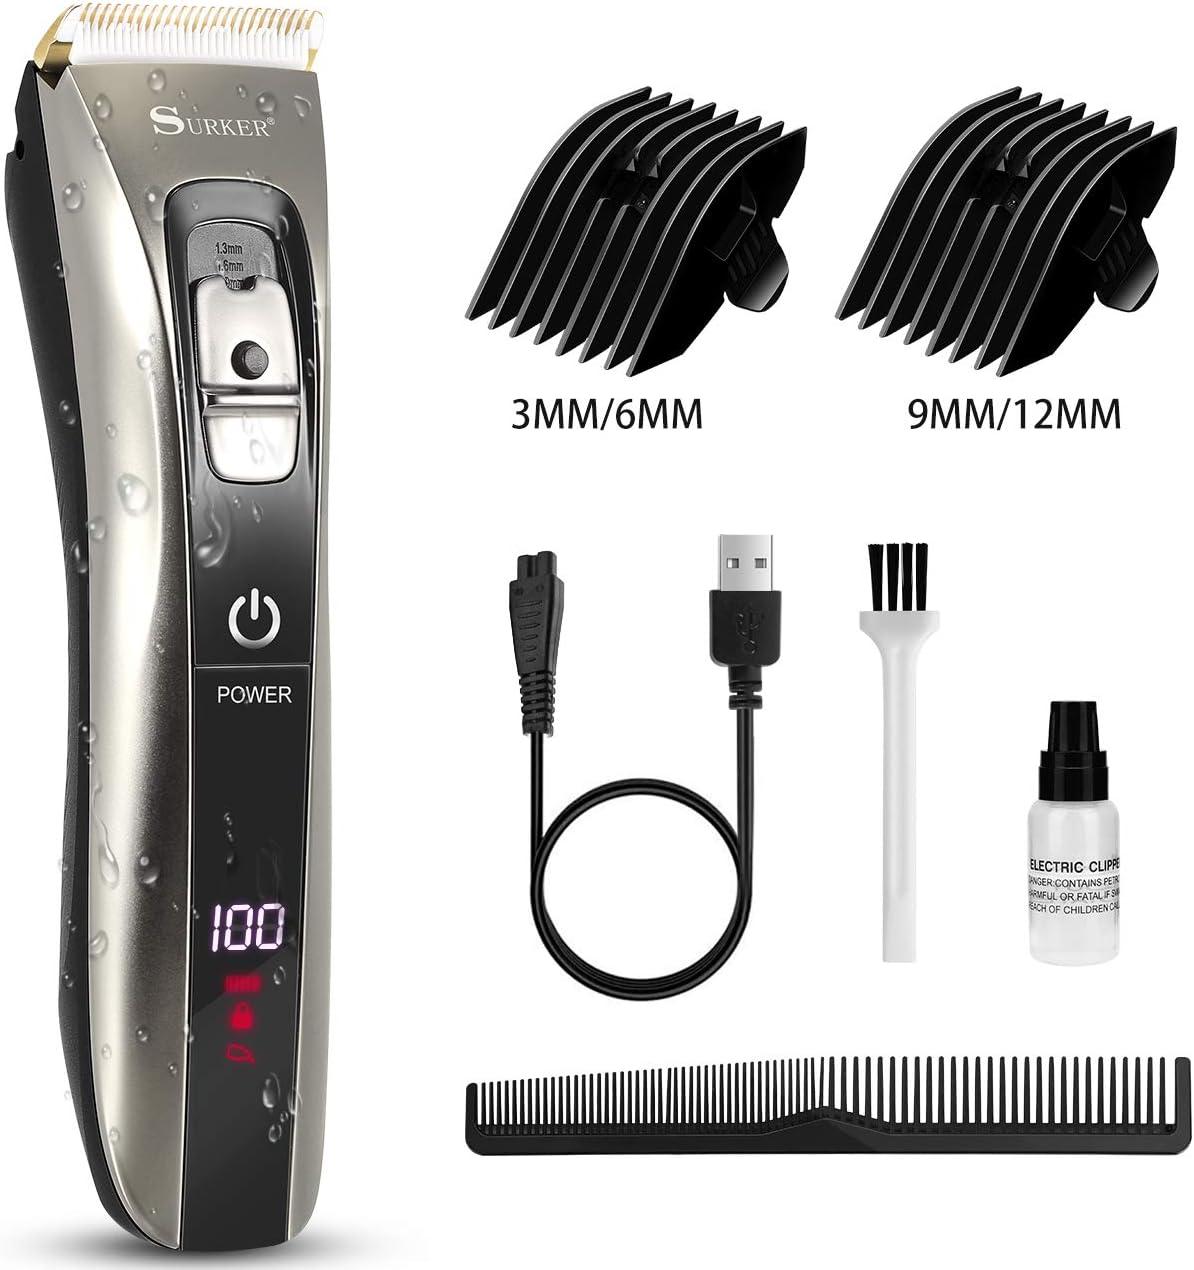 Cortapelos, recortador de cabello inalámbrico Nivlan a prueba de agua para hombres, kit de corte de cabello profesional con peine guía de doble extremo, USB recargable y pantalla LED